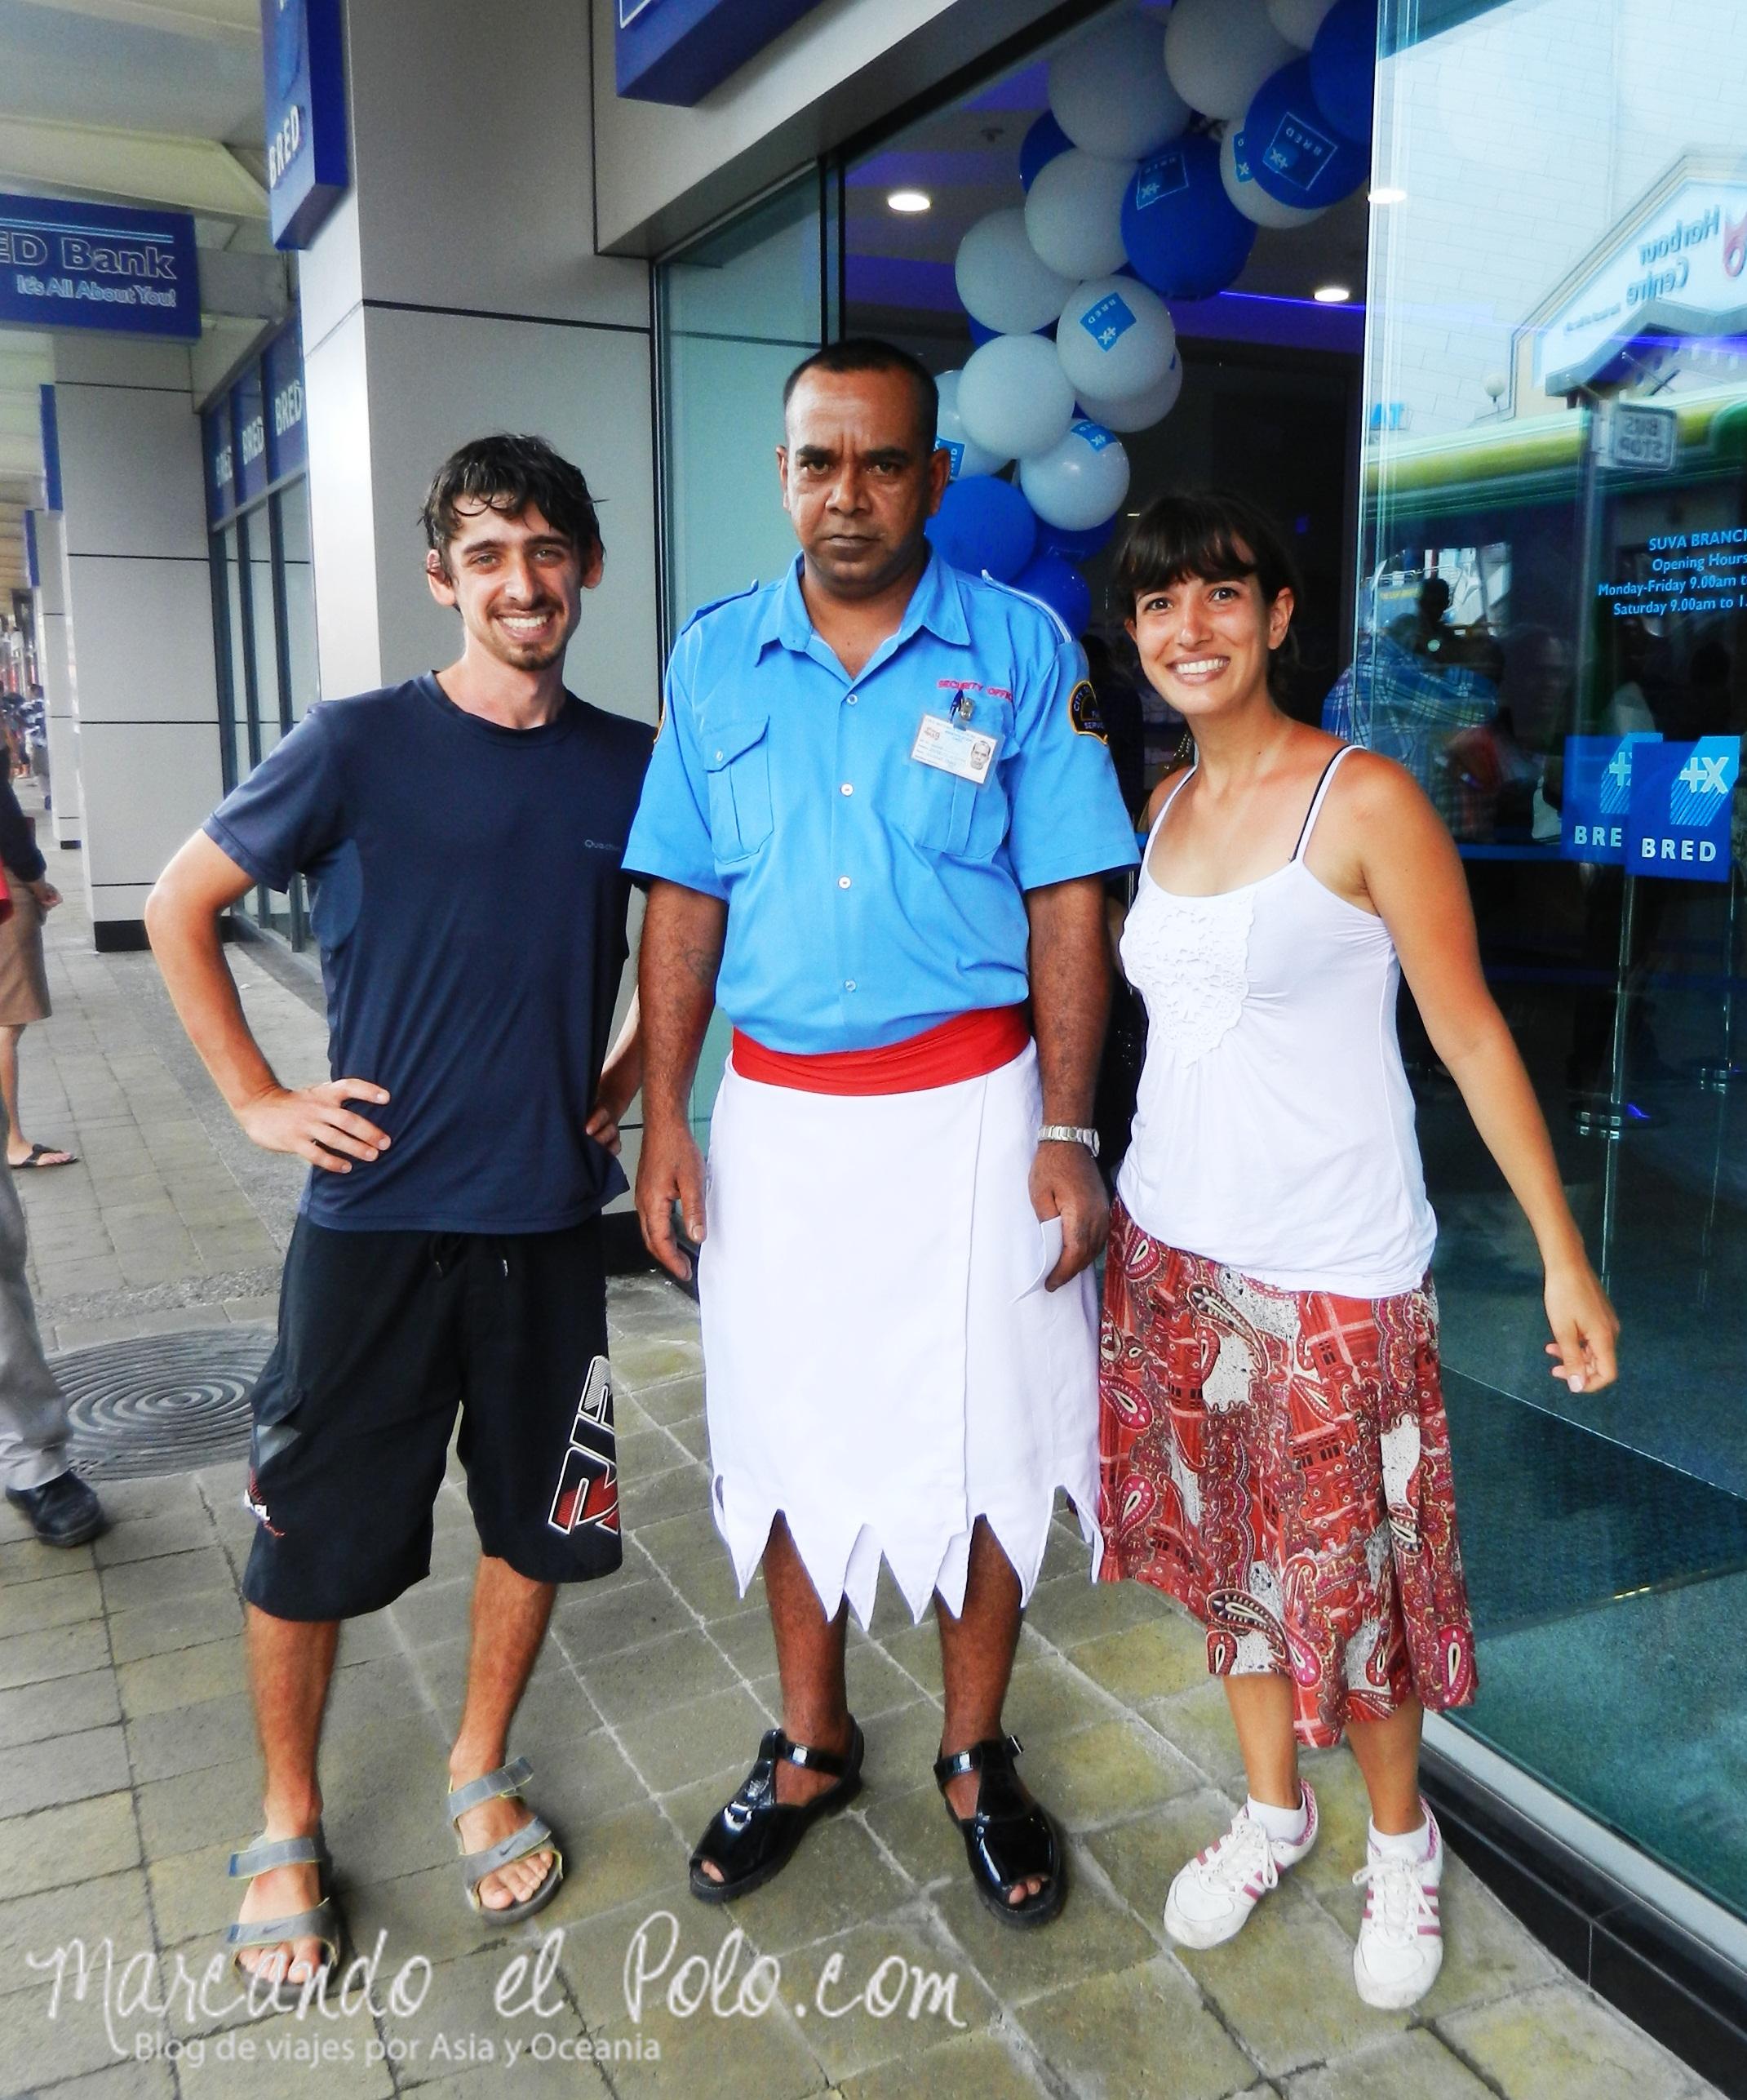 Uniforme policial en Fiyi